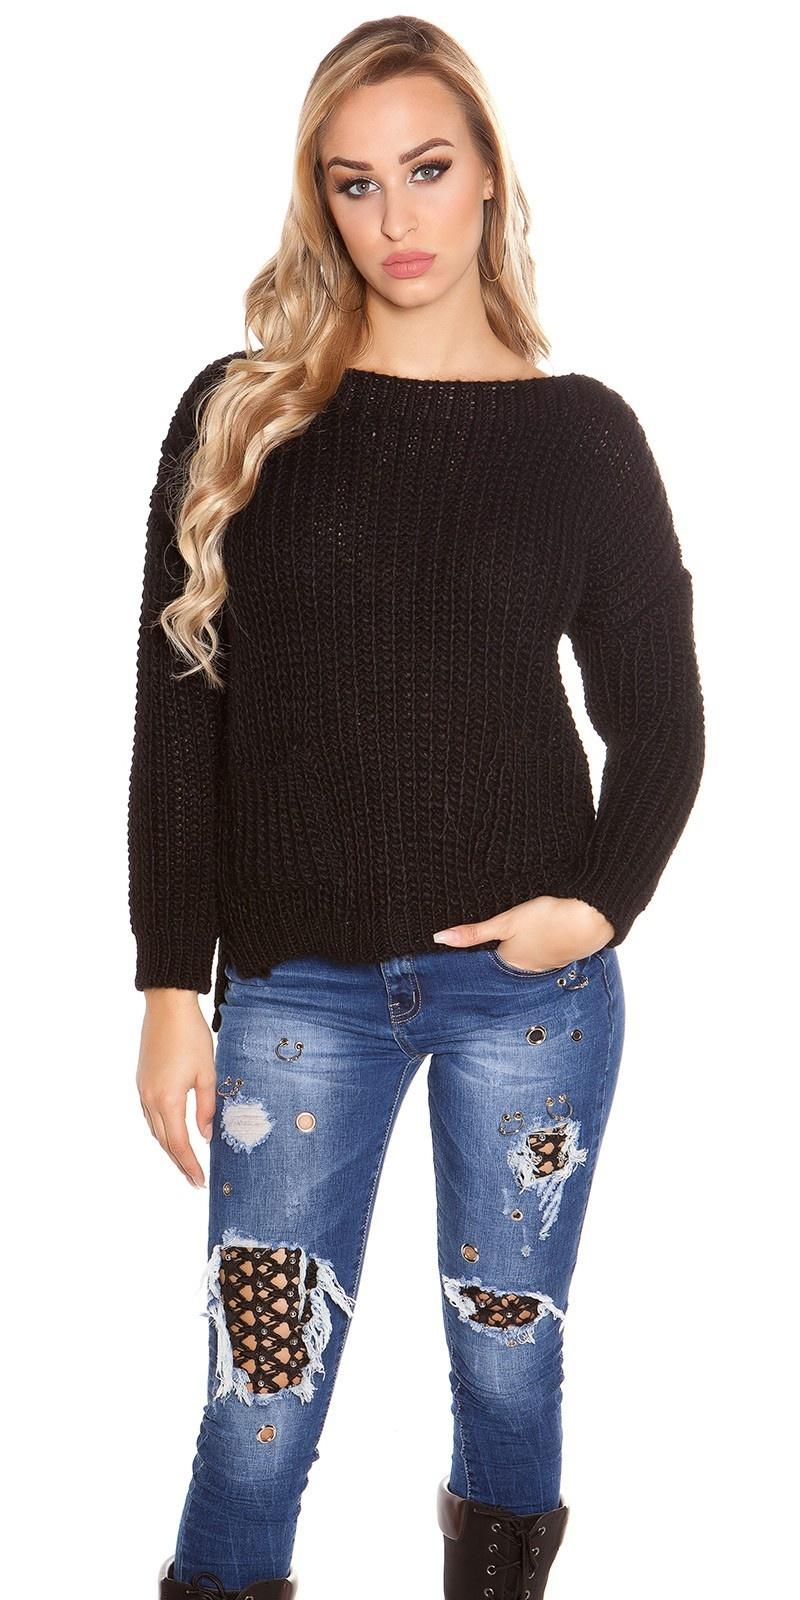 Trendy grof gebreide sweater-trui met zakken zwart